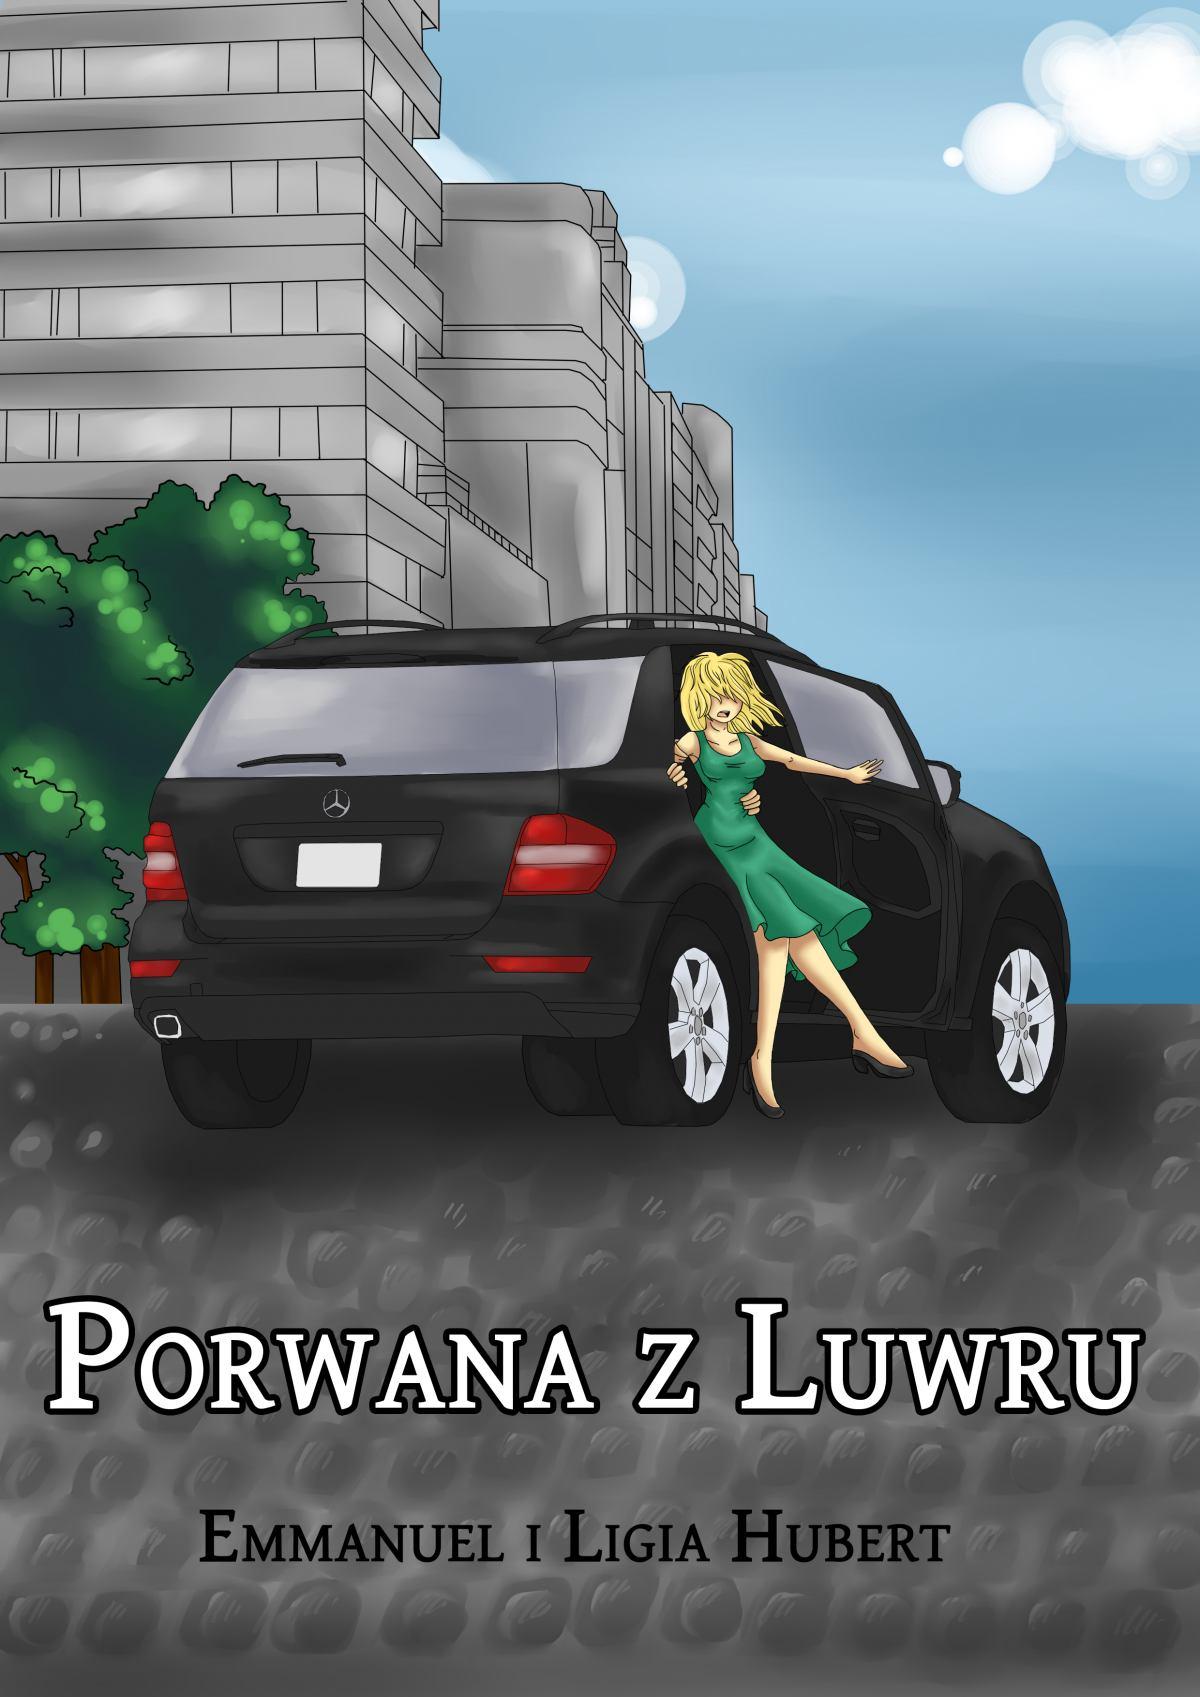 Porwana z Luwru - Ebook (Książka EPUB) do pobrania w formacie EPUB